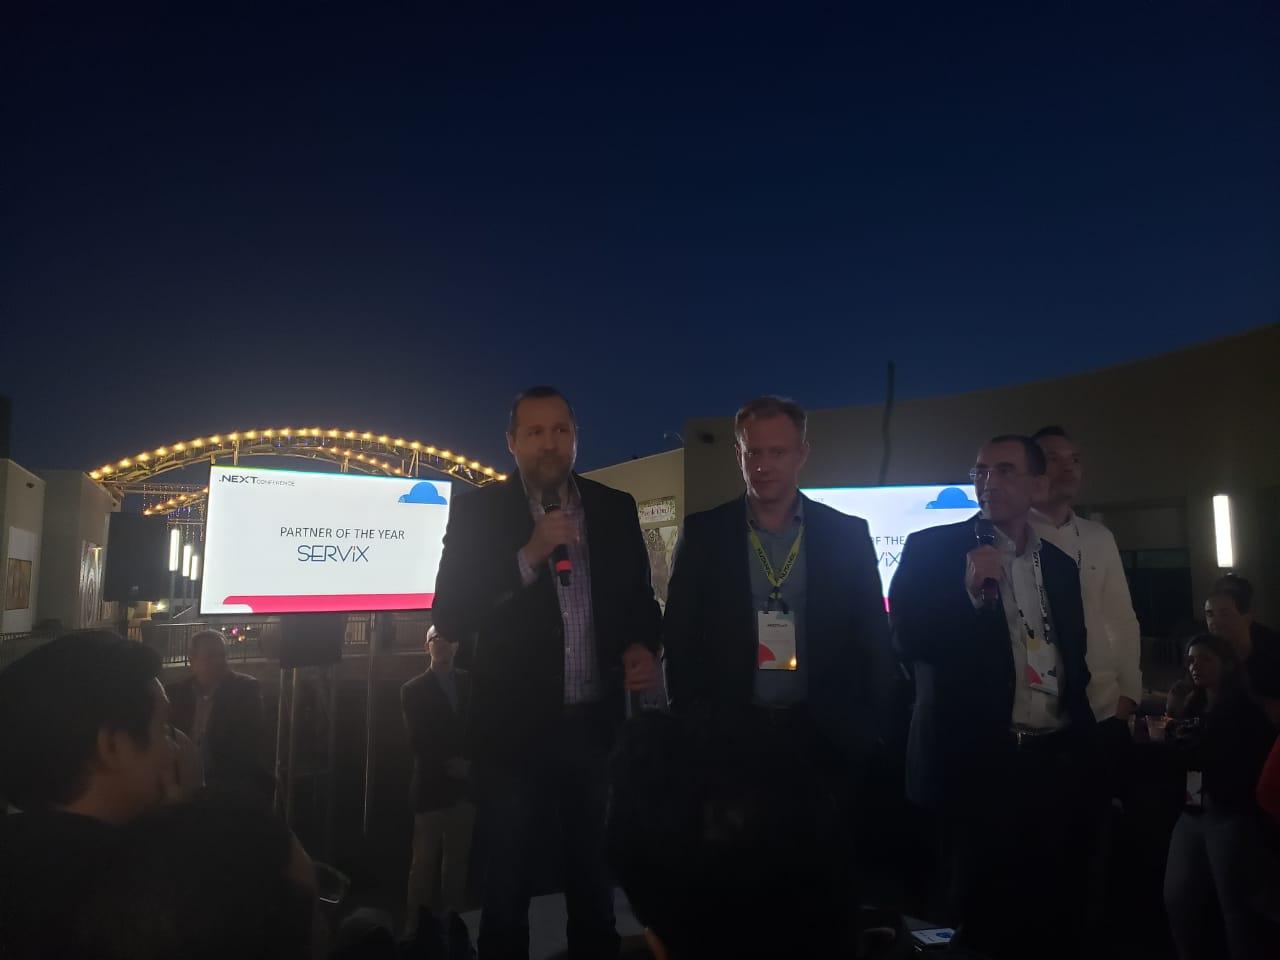 Servix conquista o Prêmio de Parceiro do Ano 2019 da Nutanix na América Latina